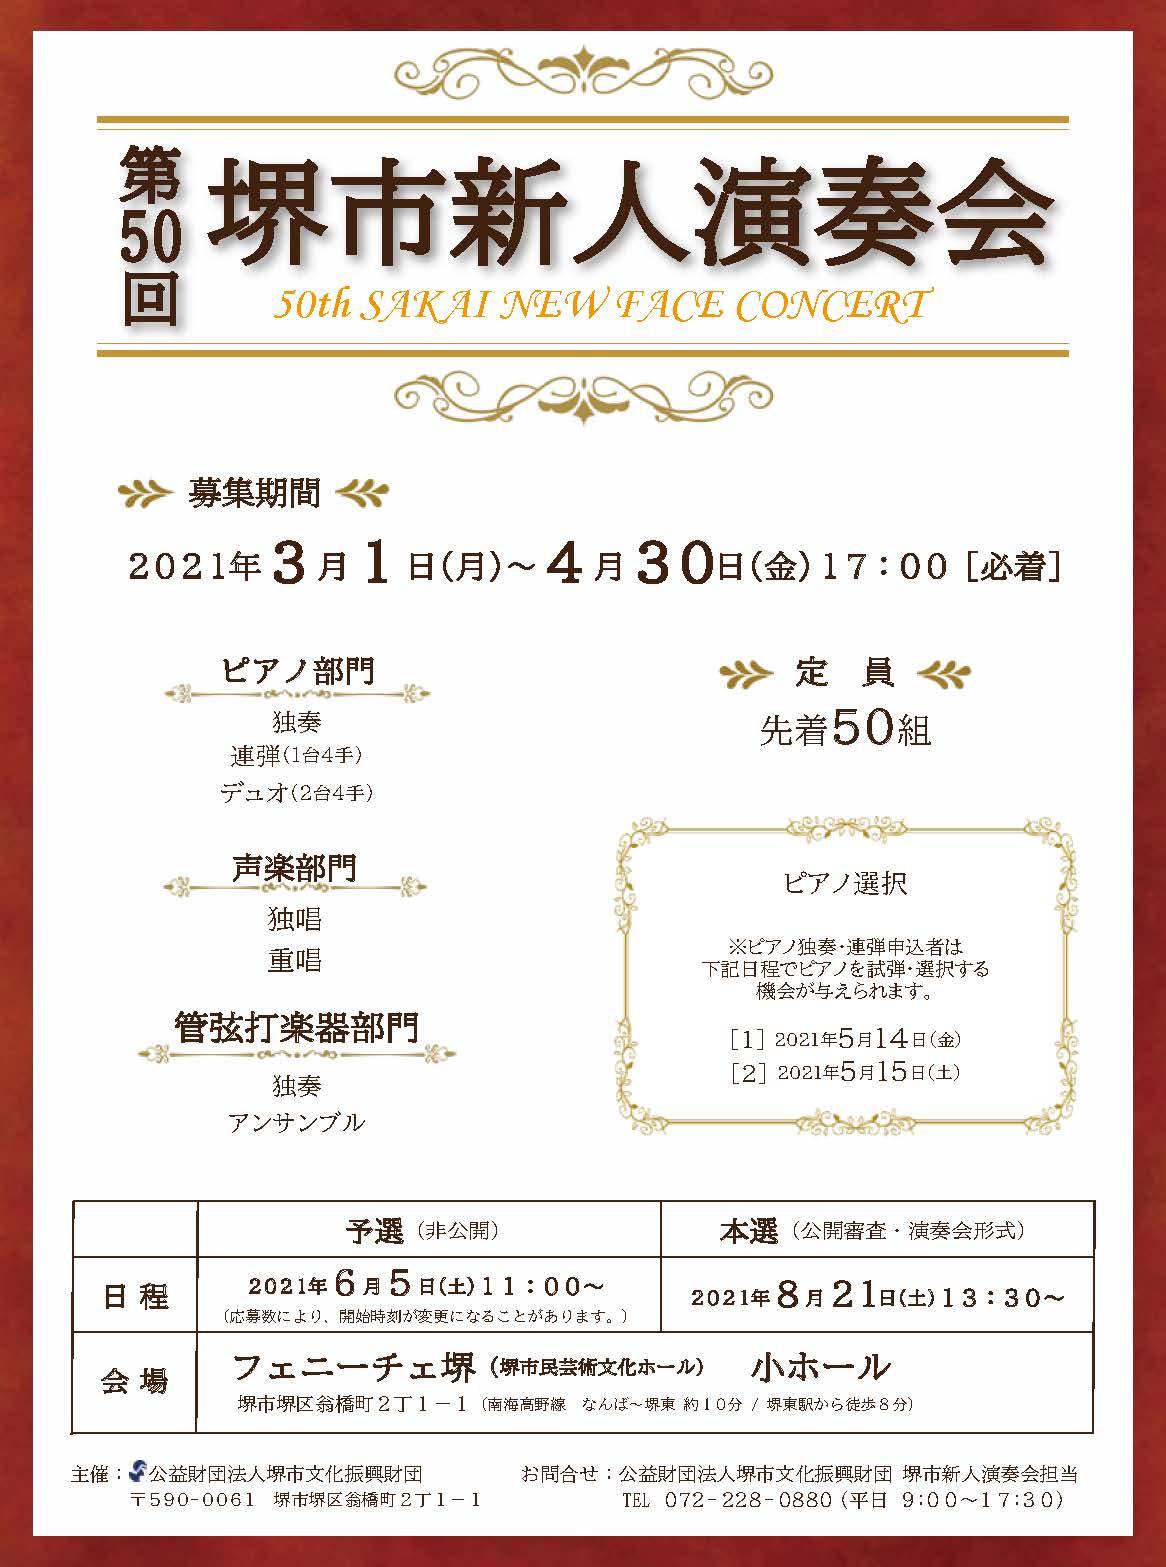 【開催延期】第50回堺市新人演奏会 出演者募集